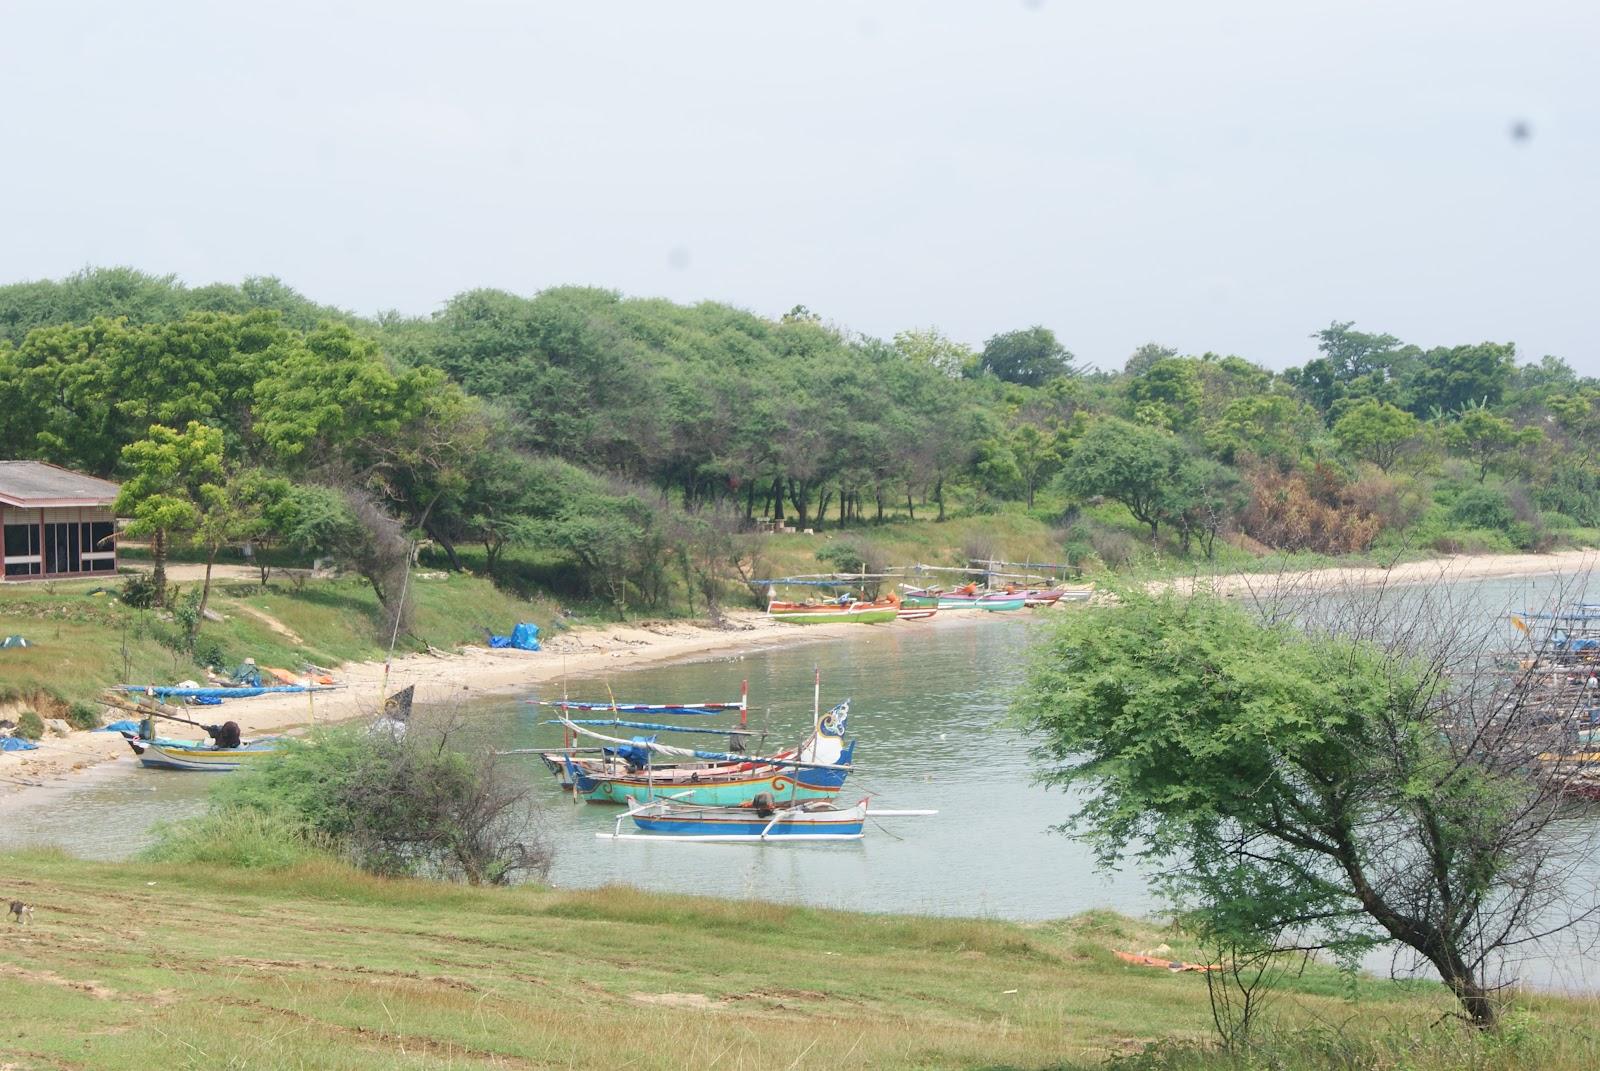 Pantai Sowan Tuban Goa Sampai Makam Sunan Bonang Wisata Kab